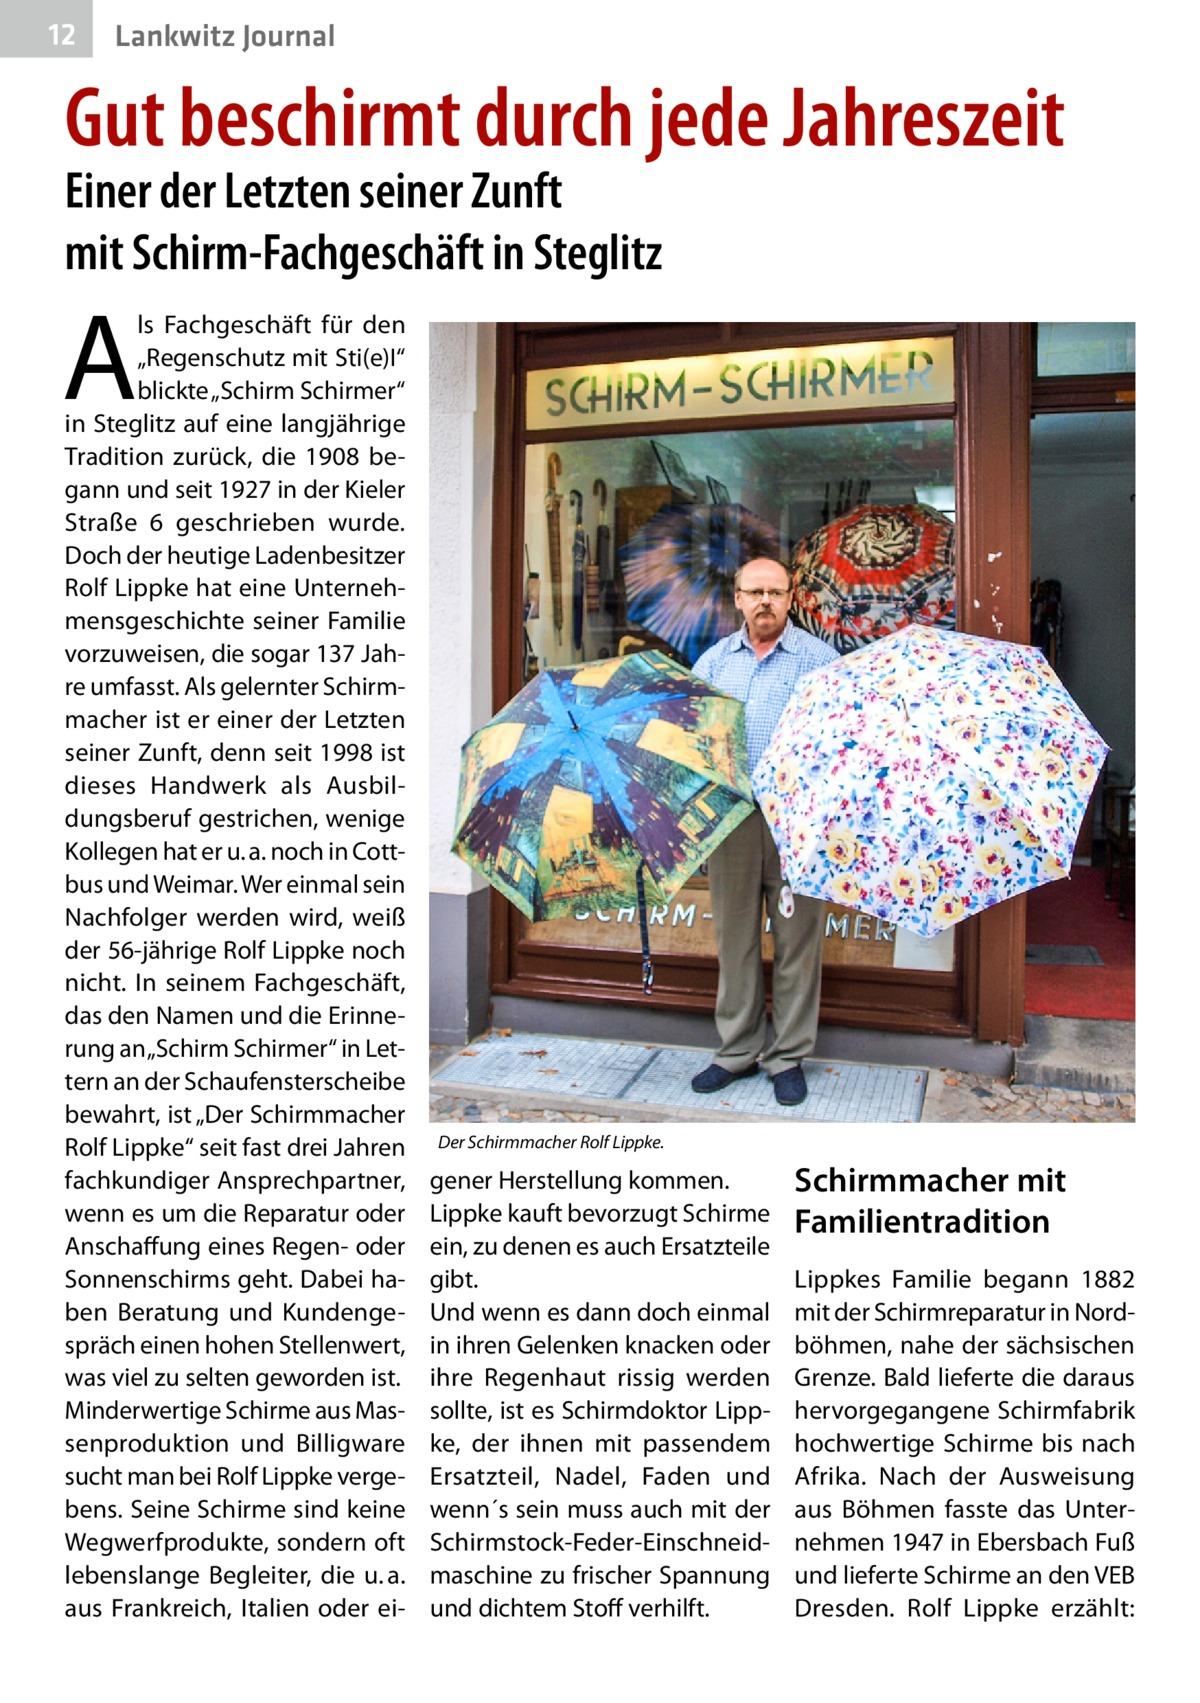 """12  Lankwitz Journal  Gut beschirmt durch jede Jahreszeit Einer der Letzten seiner Zunft mit Schirm-Fachgeschäft in Steglitz  A  ls Fachgeschäft für den """"Regenschutz mit Sti(e)I"""" blickte """"Schirm Schirmer"""" in Steglitz auf eine langjährige Tradition zurück, die 1908 begann und seit 1927 in der Kieler Straße 6 geschrieben wurde. Doch der heutige Ladenbesitzer Rolf Lippke hat eine Unternehmensgeschichte seiner Familie vorzuweisen, die sogar 137Jahre umfasst. Als gelernter Schirmmacher ist er einer der Letzten seiner Zunft, denn seit 1998 ist dieses Handwerk als Ausbildungsberuf gestrichen, wenige Kollegen hat er u.a. noch in Cottbus und Weimar. Wer einmal sein Nachfolger werden wird, weiß der 56-jährige Rolf Lippke noch nicht. In seinem Fachgeschäft, das den Namen und die Erinnerung an """"Schirm Schirmer"""" in Lettern an der Schaufensterscheibe bewahrt, ist """"Der Schirmmacher Rolf Lippke"""" seit fast drei Jahren fachkundiger Ansprechpartner, wenn es um die Reparatur oder Anschaffung eines Regen- oder Sonnenschirms geht. Dabei haben Beratung und Kundengespräch einen hohen Stellenwert, was viel zu selten geworden ist. Minderwertige Schirme aus Massenproduktion und Billigware sucht man bei Rolf Lippke vergebens. Seine Schirme sind keine Wegwerfprodukte, sondern oft lebenslange Begleiter, die u.a. aus Frankreich, Italien oder ei Der Schirmmacher Rolf Lippke.  gener Herstellung kommen. Lippke kauft bevorzugt Schirme ein, zu denen es auch Ersatzteile gibt. Und wenn es dann doch einmal in ihren Gelenken knacken oder ihre Regenhaut rissig werden sollte, ist es Schirmdoktor Lippke, der ihnen mit passendem Ersatzteil, Nadel, Faden und wenn´s sein muss auch mit der Schirmstock-Feder-Einschneidmaschine zu frischer Spannung und dichtem Stoff verhilft.  Schirmmacher mit Familientradition Lippkes Familie begann 1882 mit der Schirmreparatur in Nordböhmen, nahe der sächsischen Grenze. Bald lieferte die daraus hervorgegangene Schirmfabrik hochwertige Schirme bis nach Afrika. Nach der Ausweisung"""